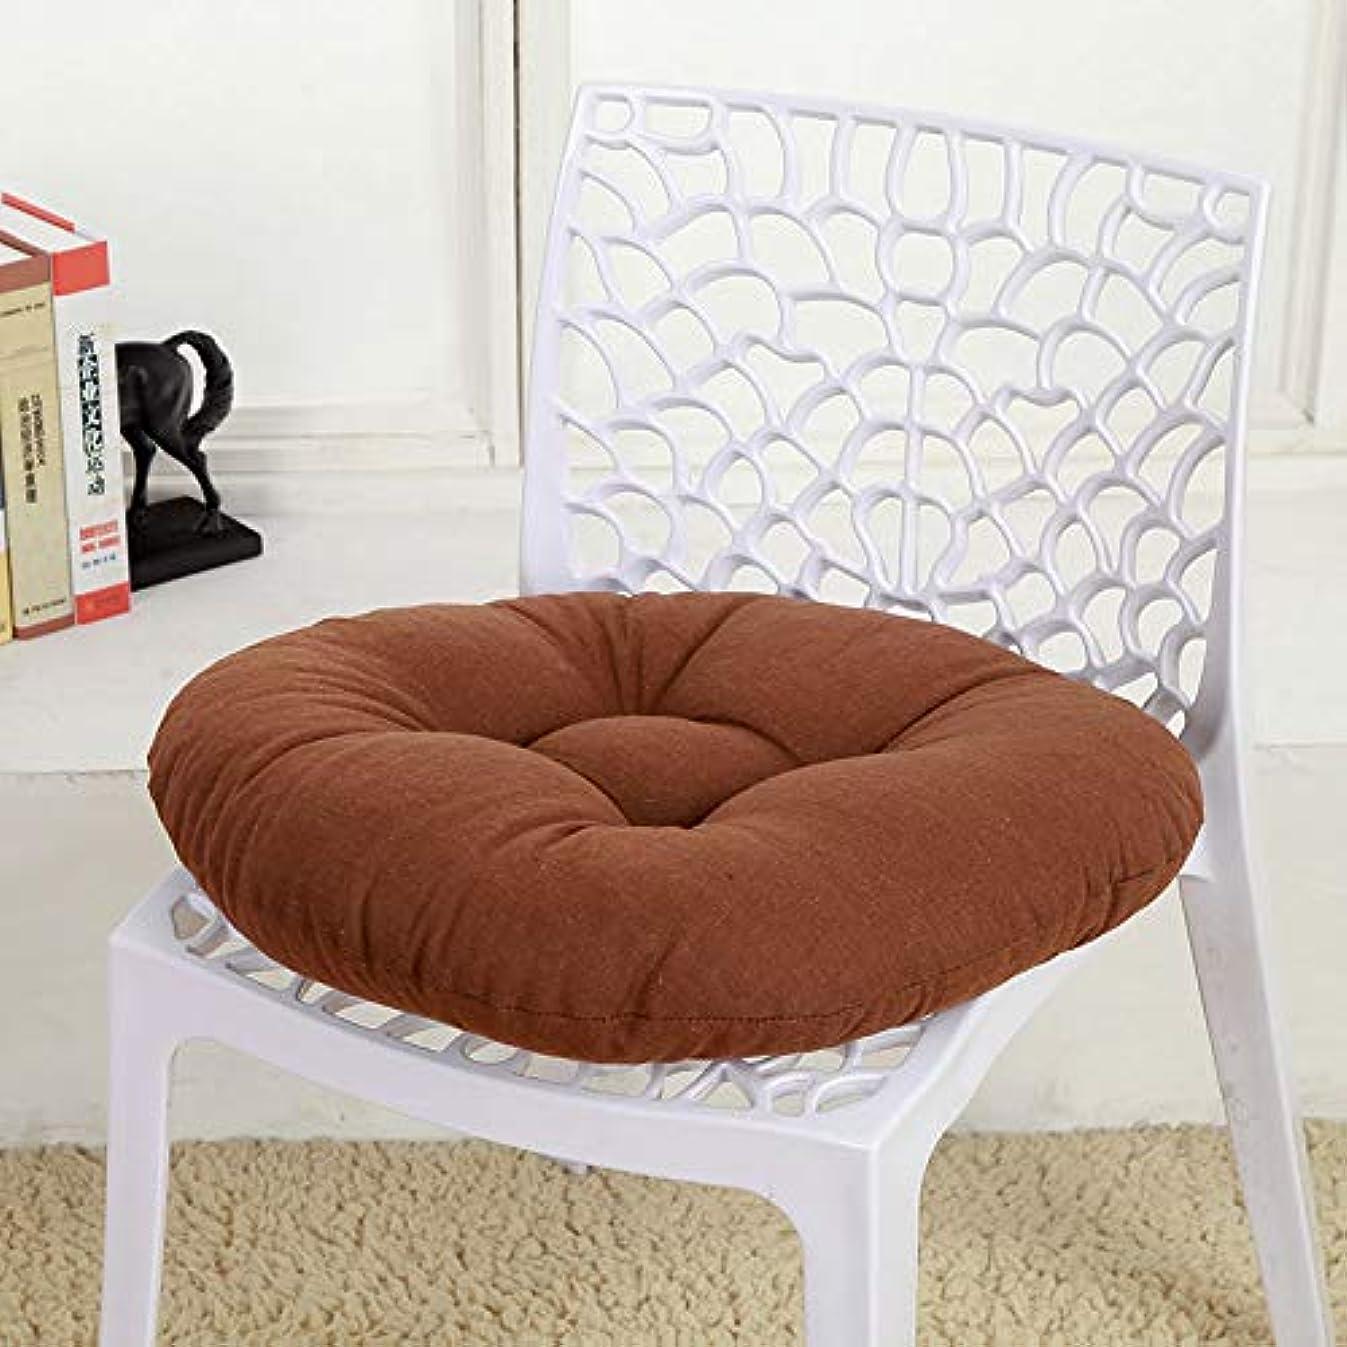 成人期愚か大統領SMART キャンディカラーのクッションラウンドシートクッション波ウィンドウシートクッションクッション家の装飾パッドラウンド枕シート枕椅子座る枕 クッション 椅子